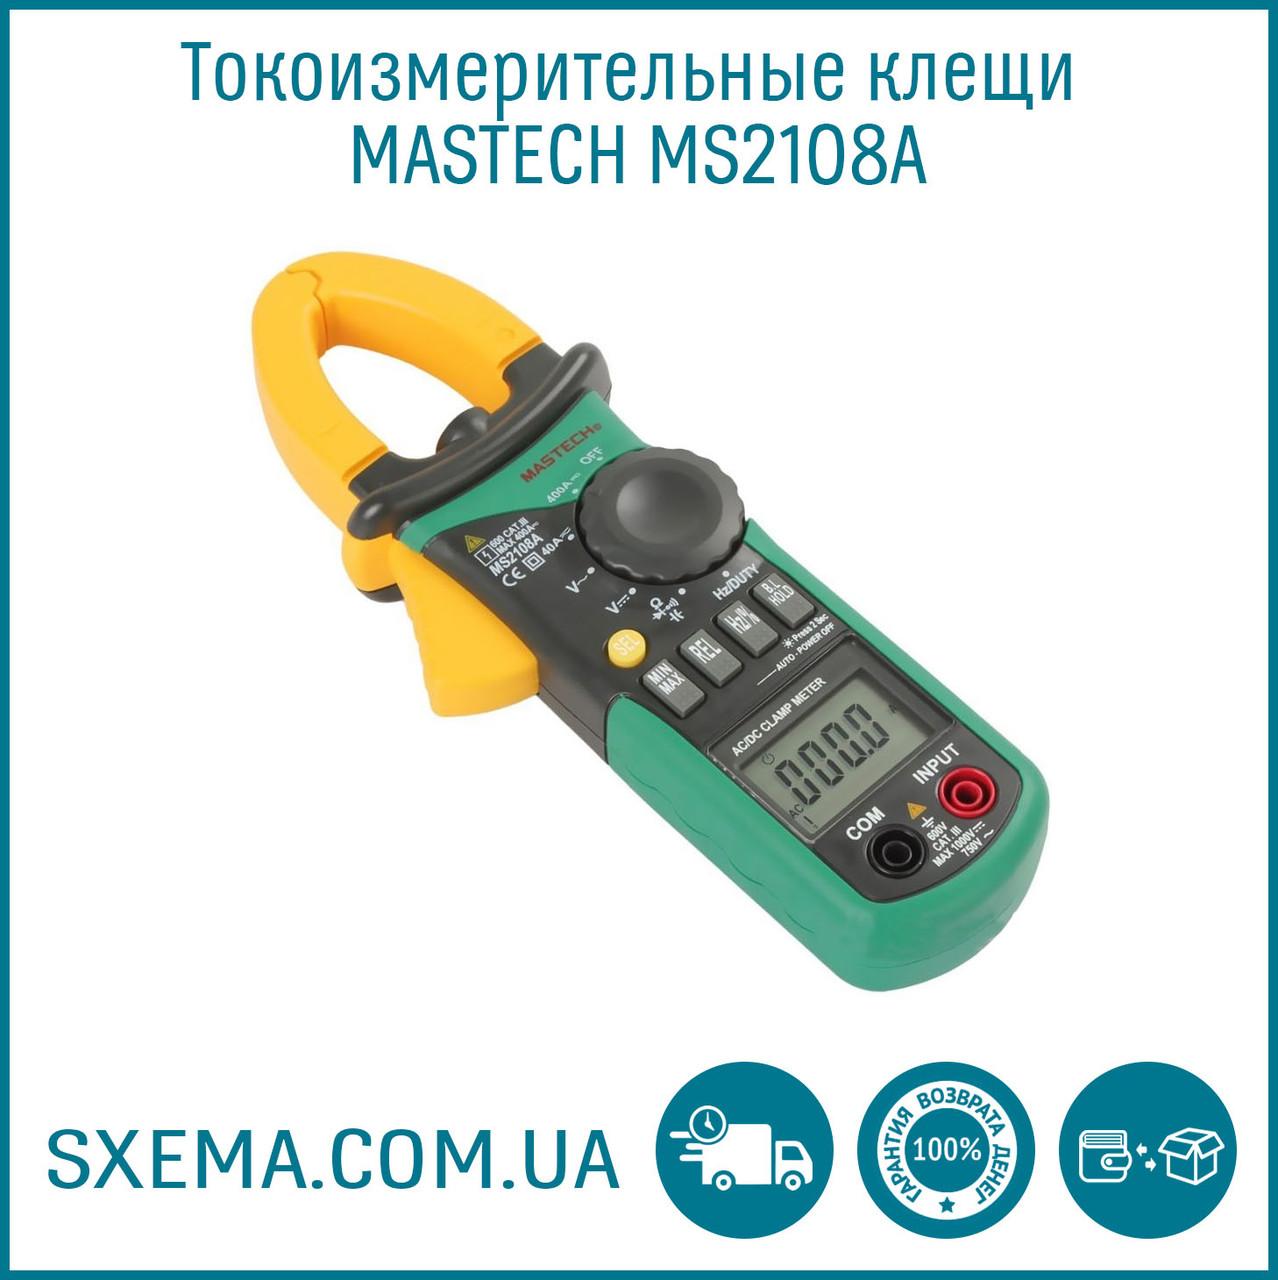 Токоизмерительные токовые клещи MASTECH MS2108A